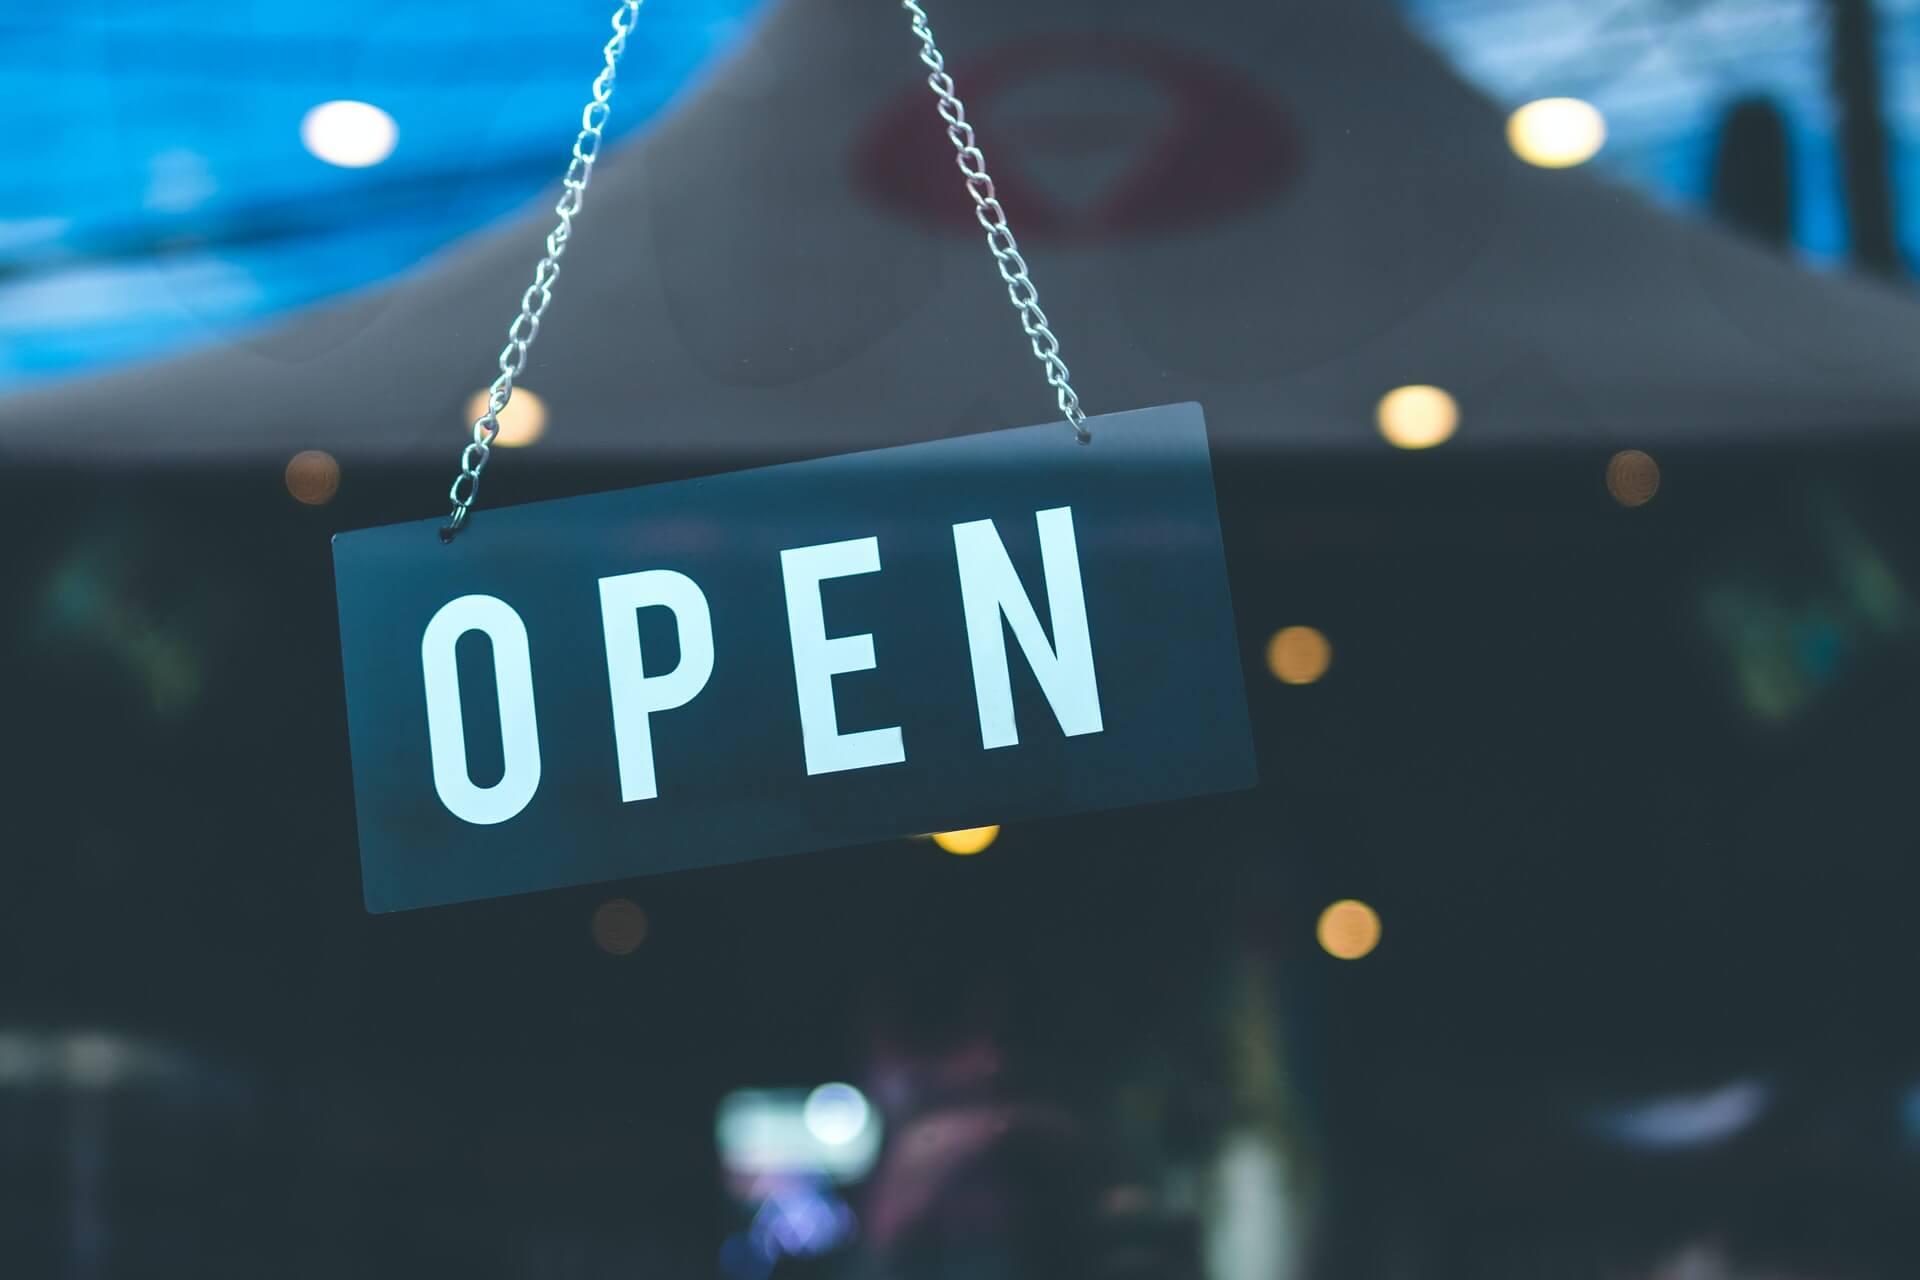 Restaurant open sign hanging in window